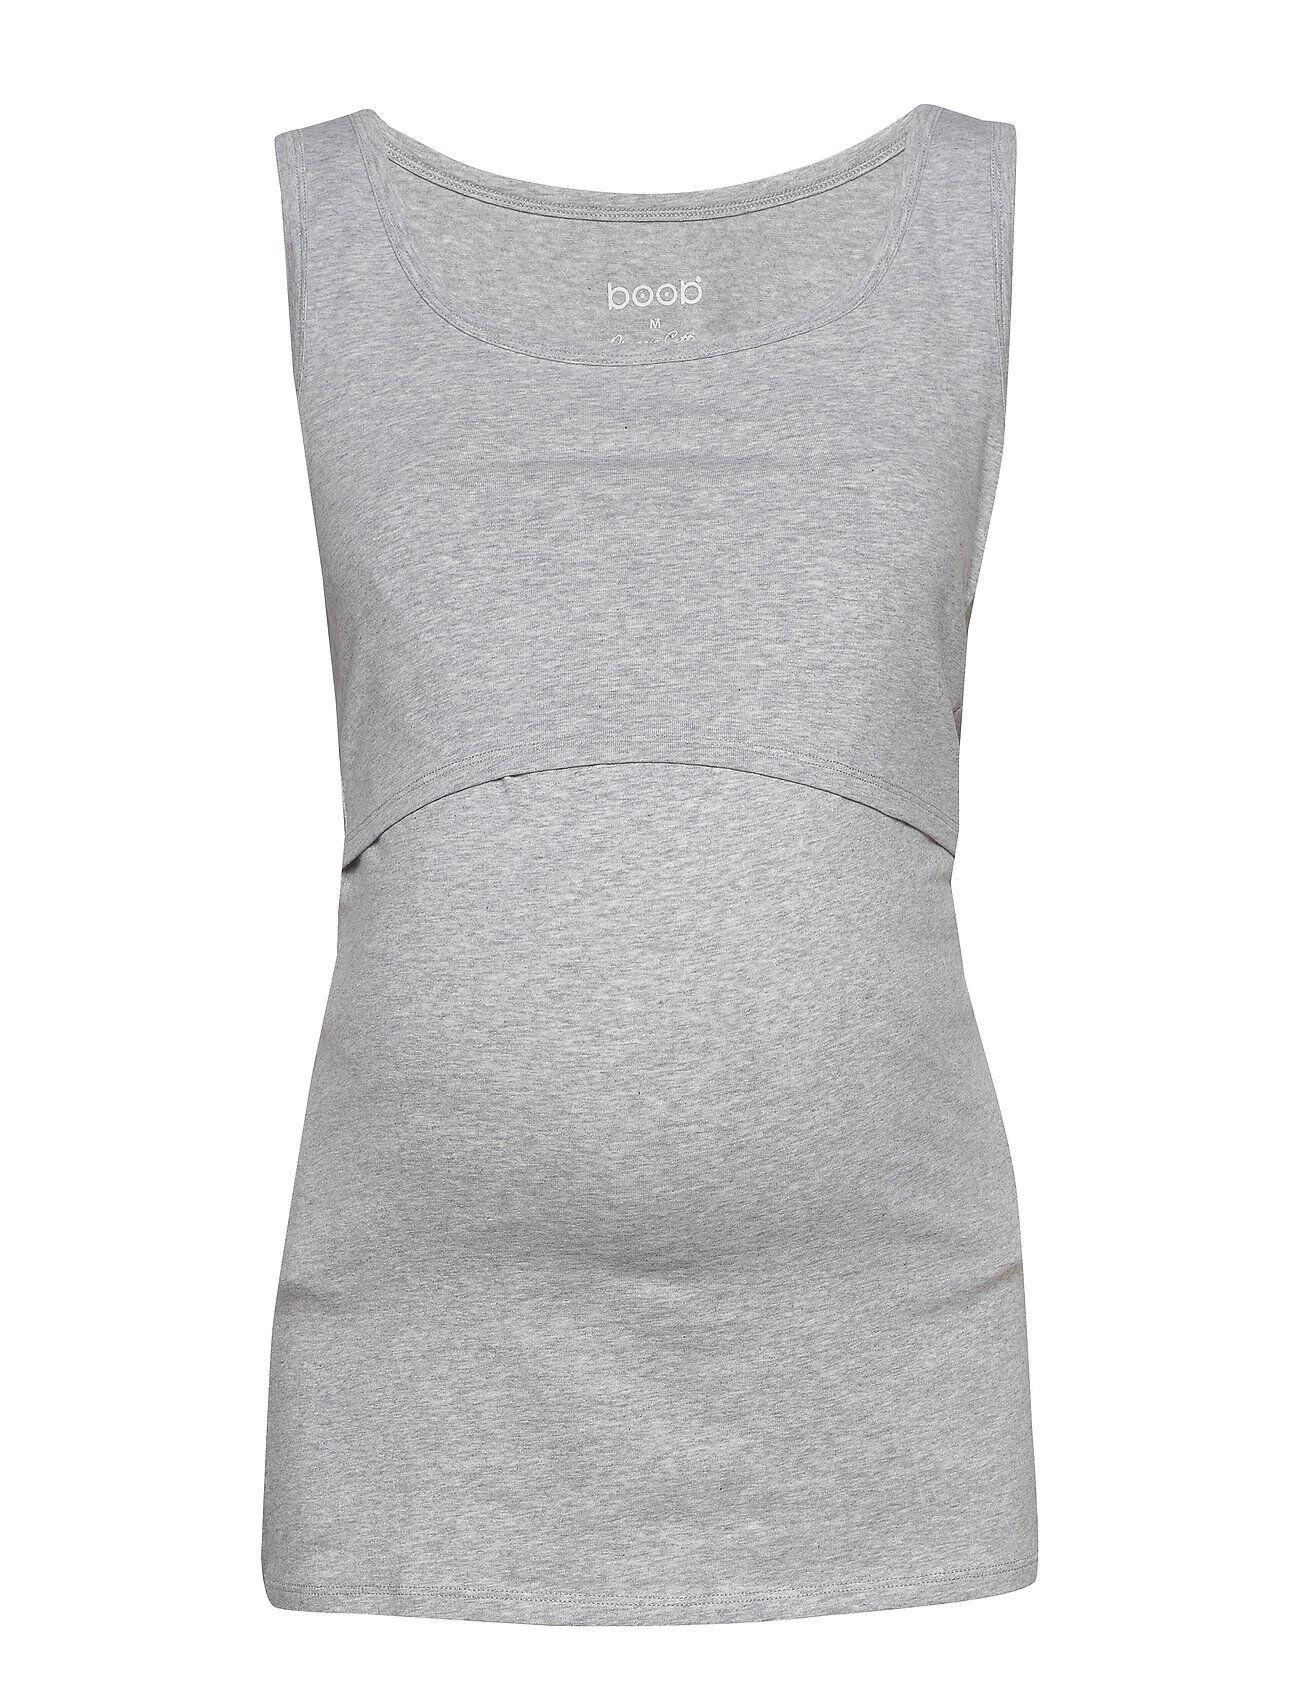 Boob Classic Tank Top T-shirts & Tops Sleeveless Harmaa Boob